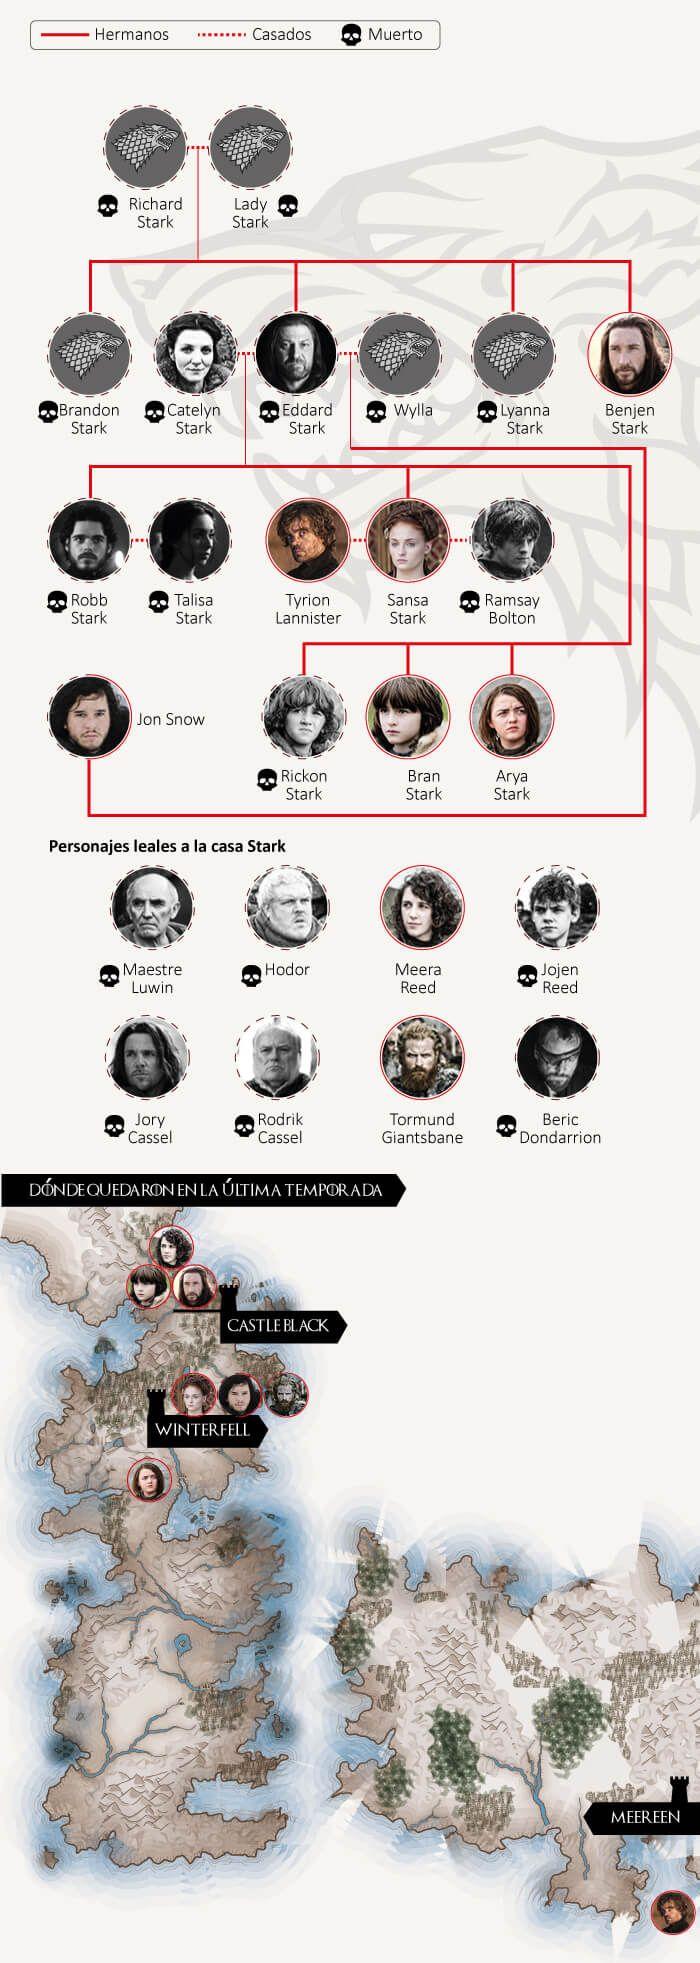 Casa Stark: lema, significado y escudo de la familia Stark